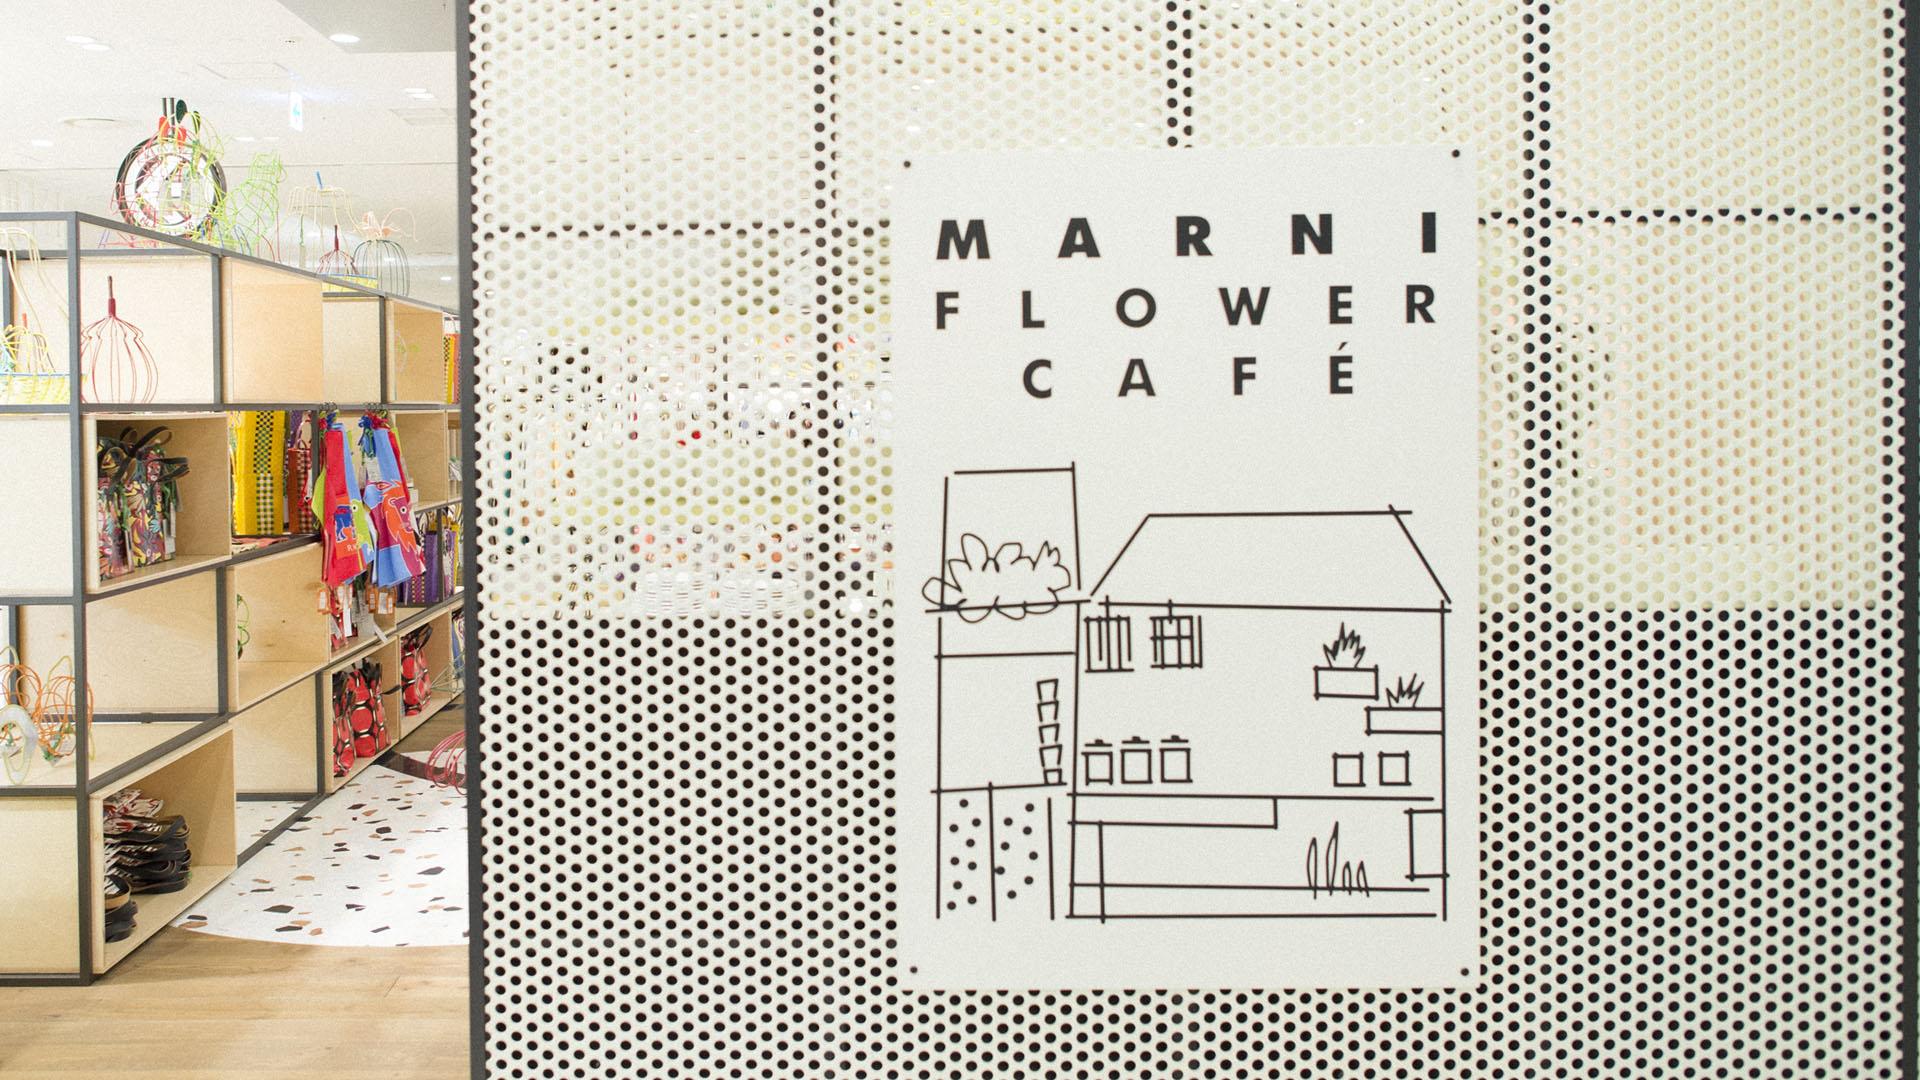 Marni Flower Cafè focus on entrance